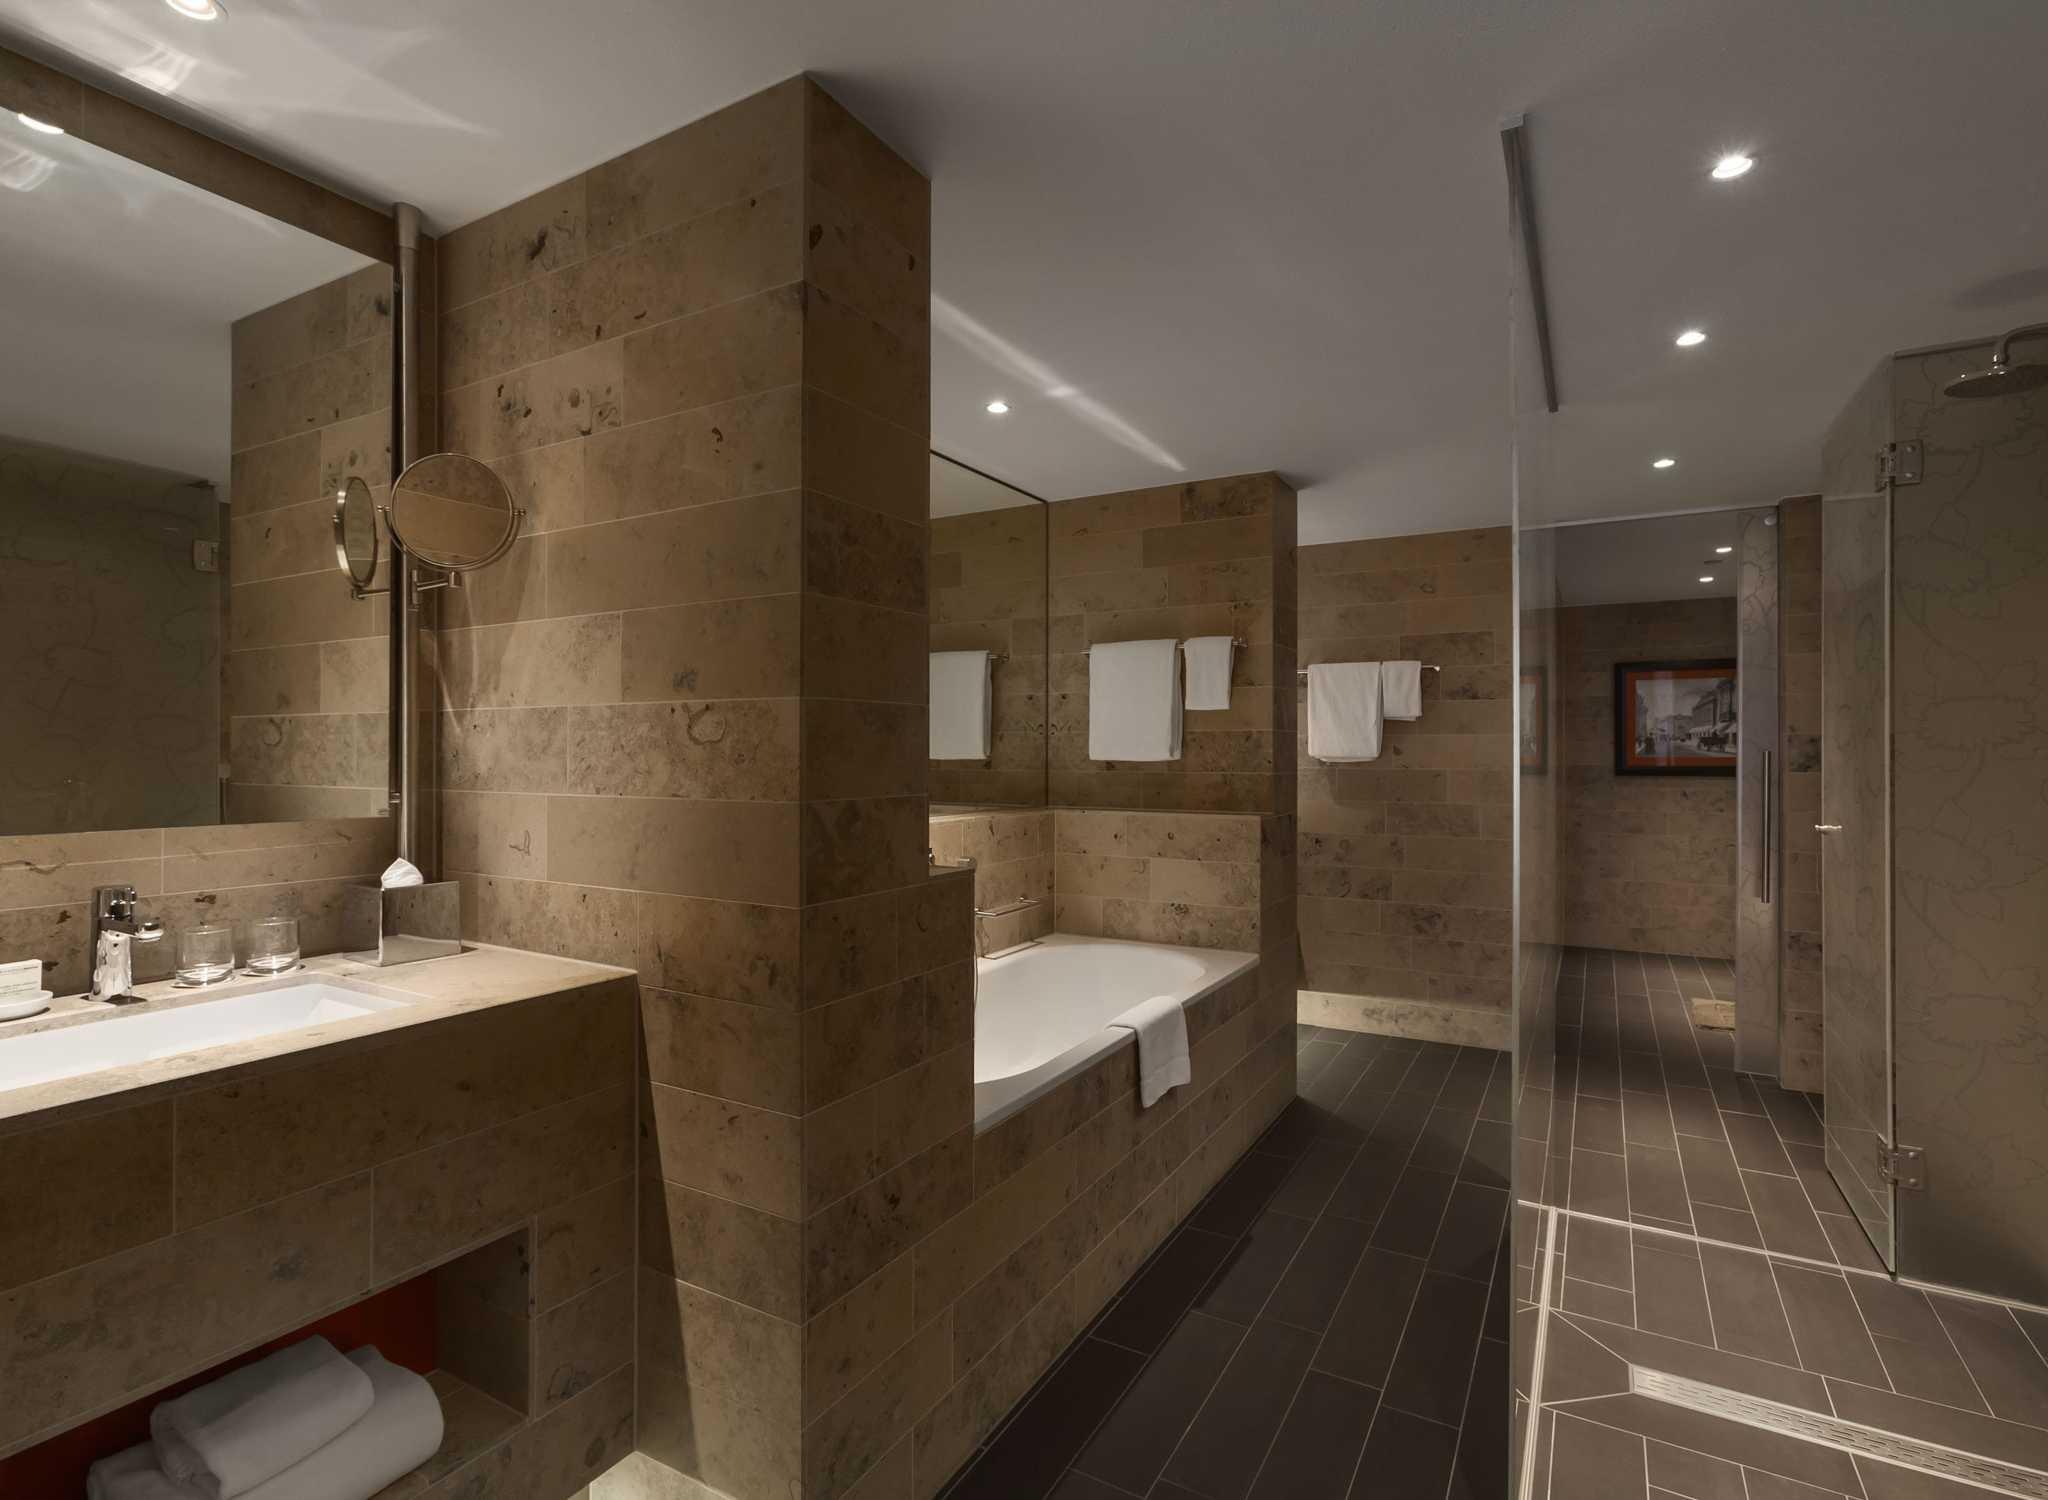 The Hague Hotel - Hilton Den Haag